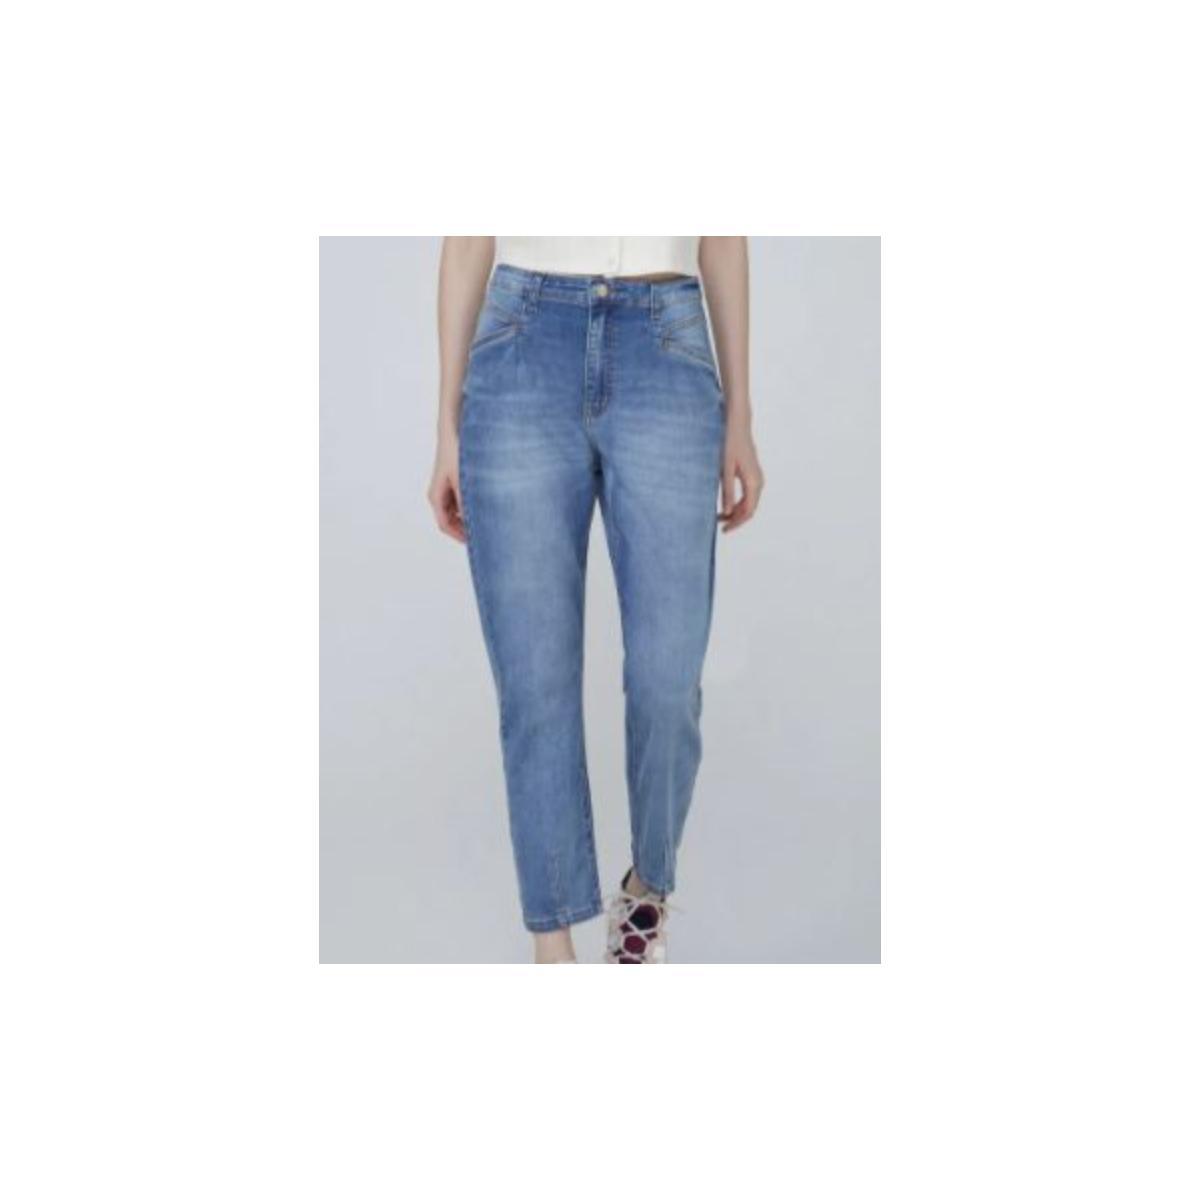 Calça Feminina Dzarm Zu86 1bsn Jeans